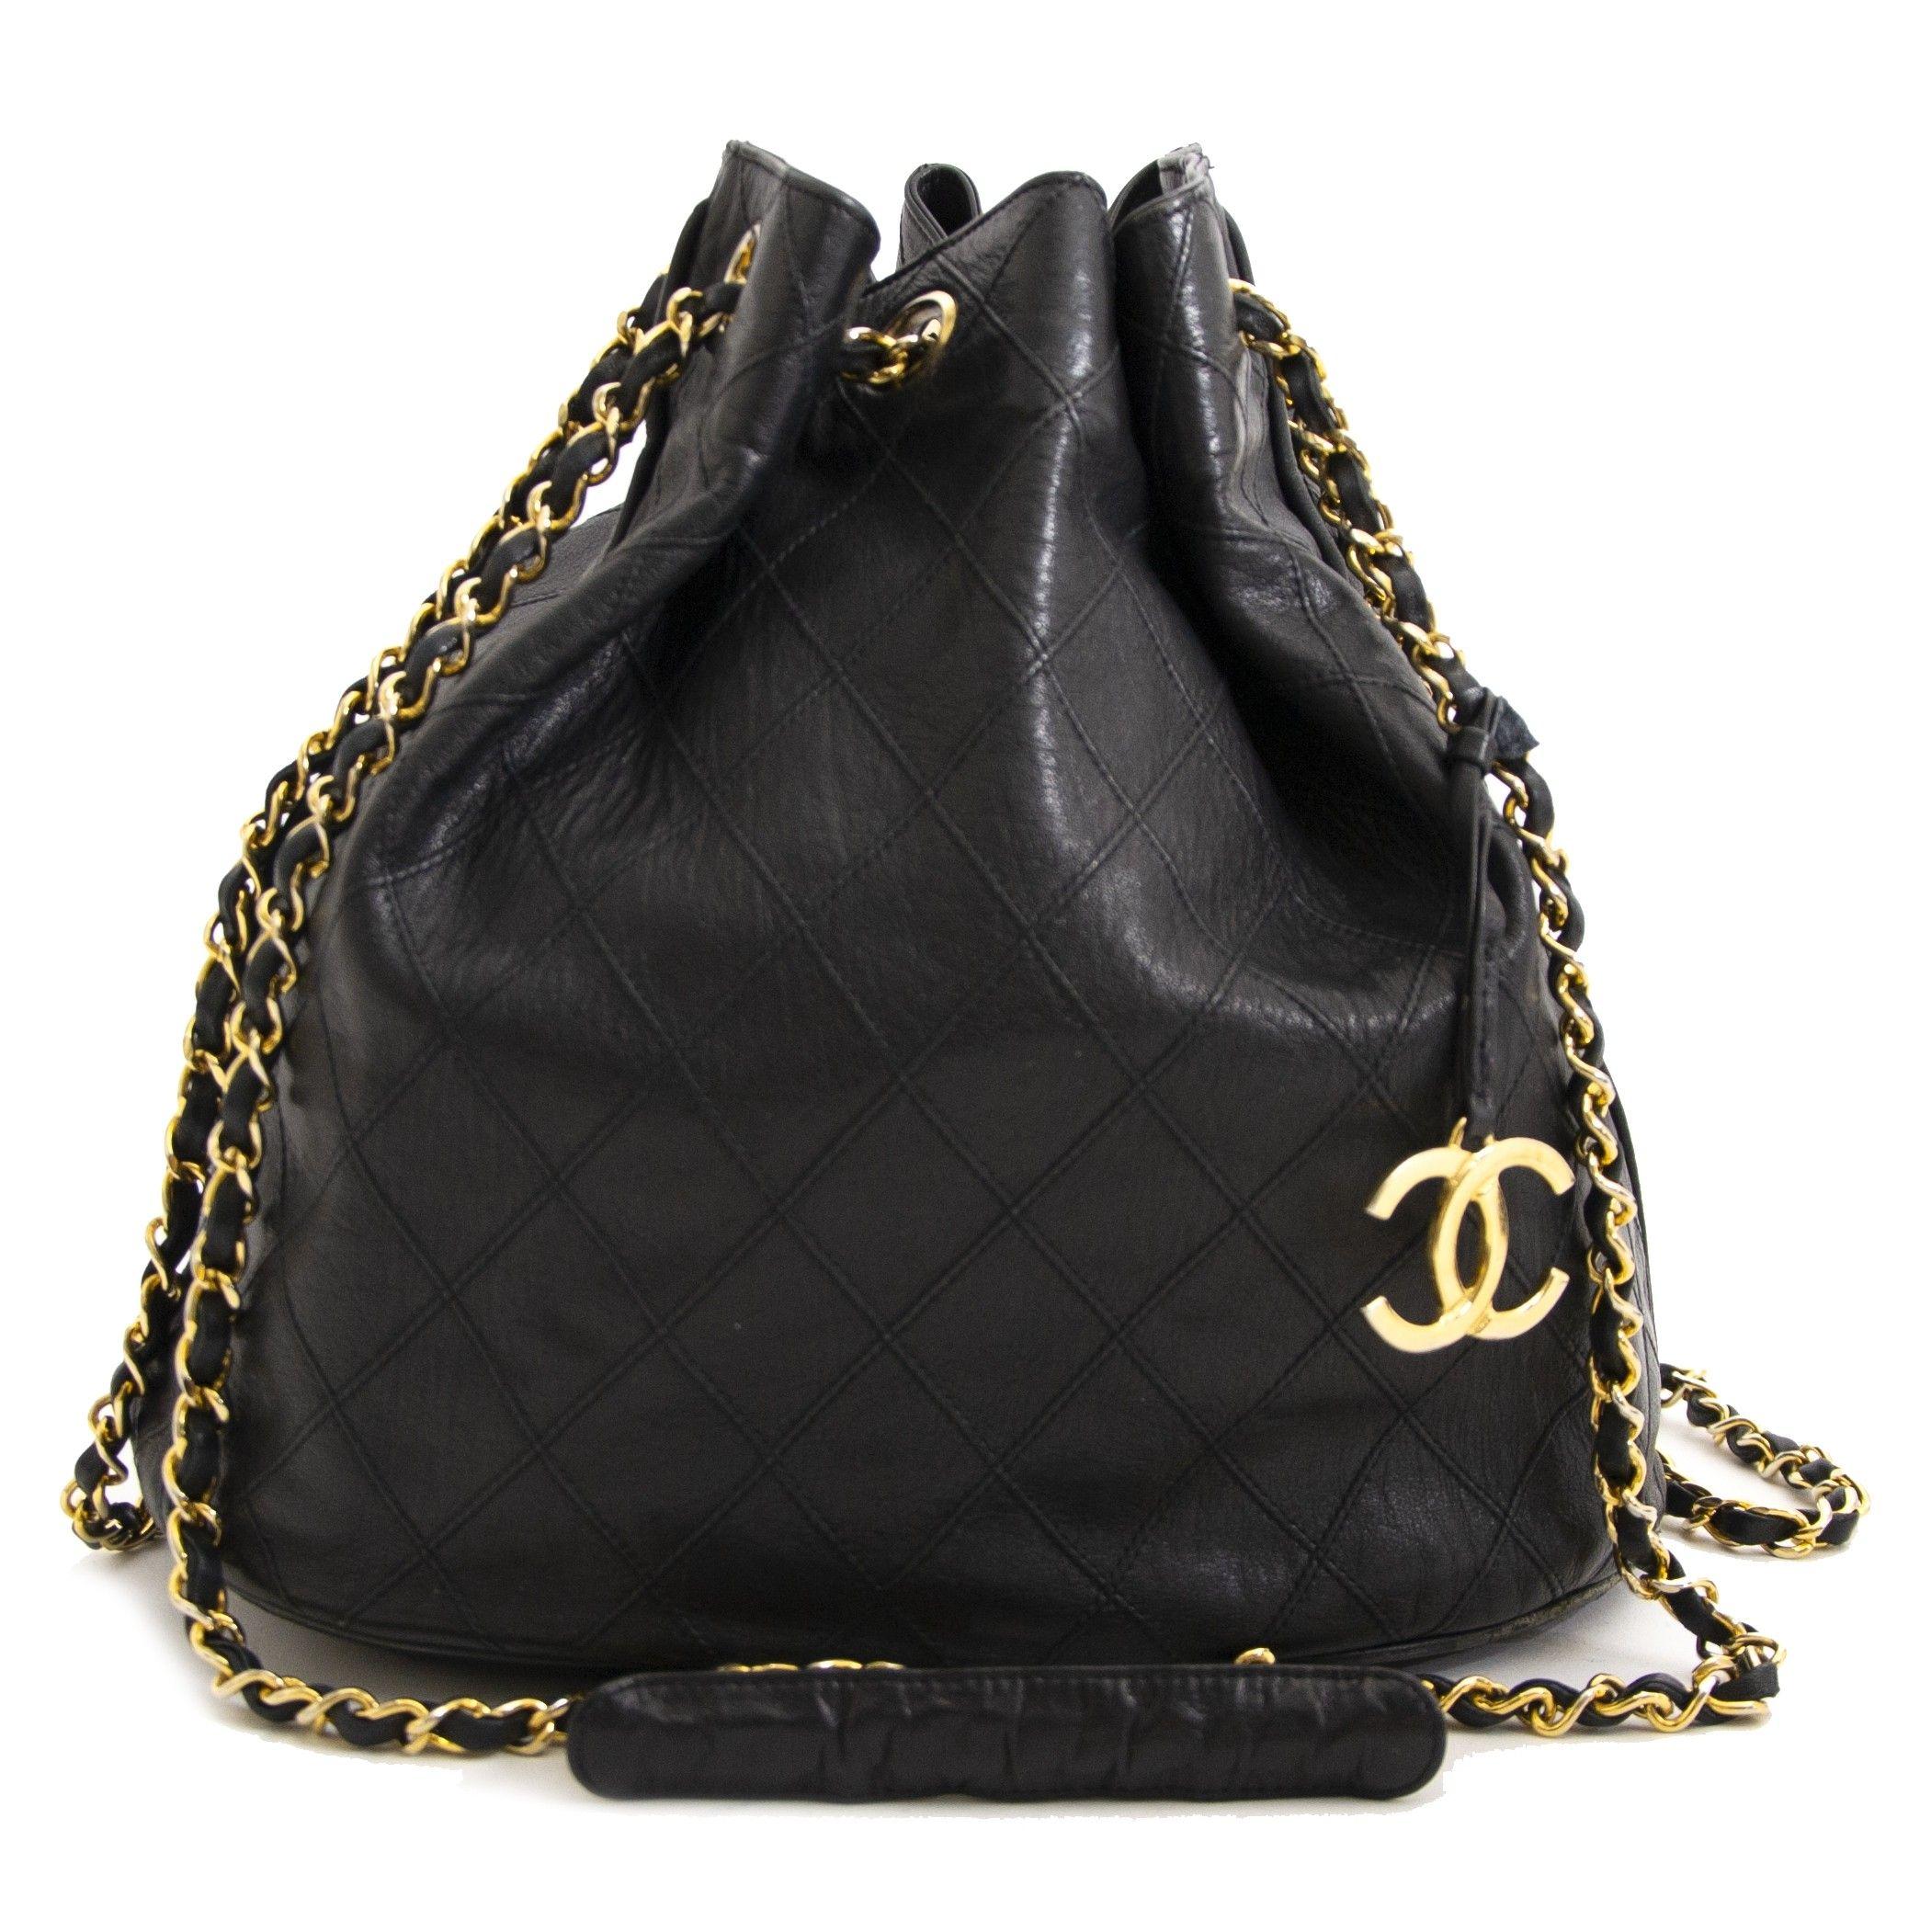 6a4bf231b4e8a7 Chanel Black Leather Bucket Bag   Shop Labellov in 2019   Black ...